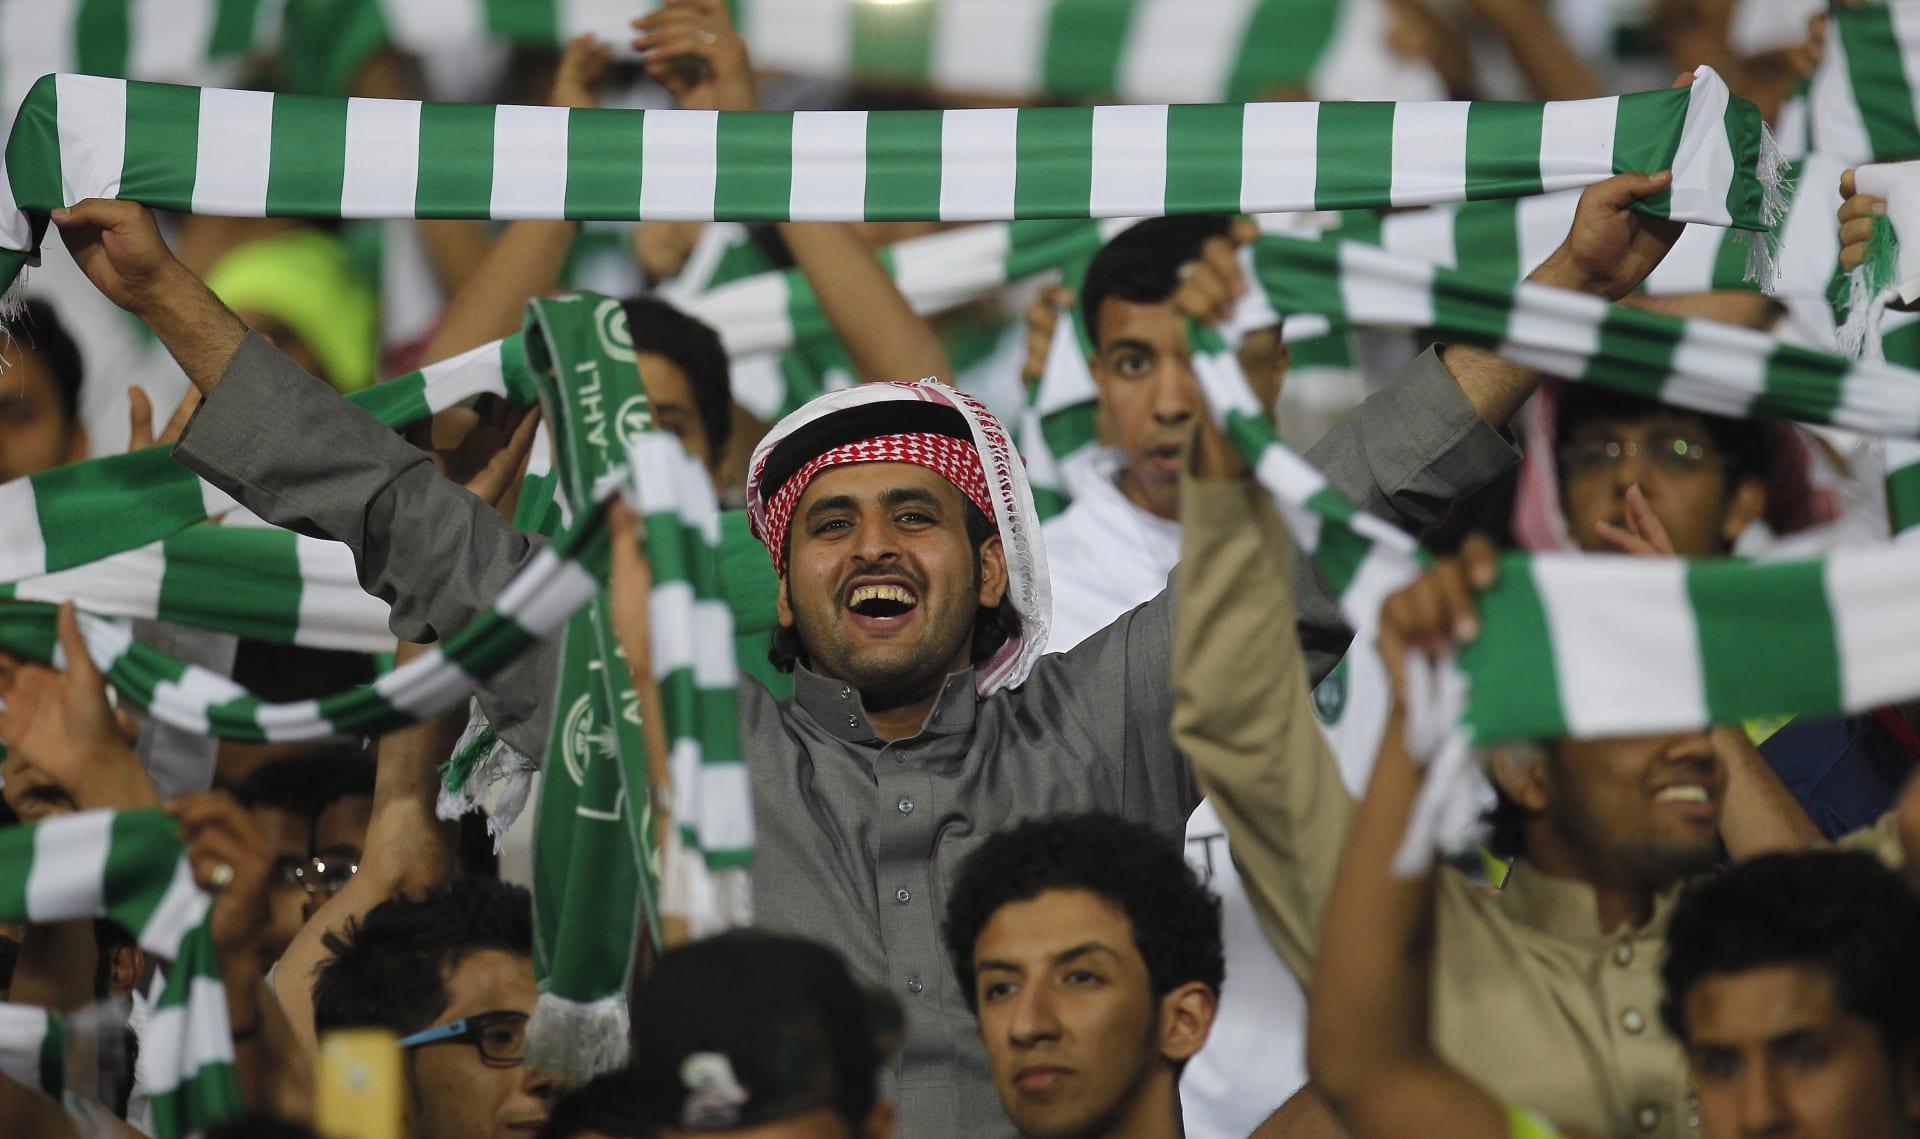 الأهلي بطلا للدوري السعودي للمرة الأولى منذ 32 عاما